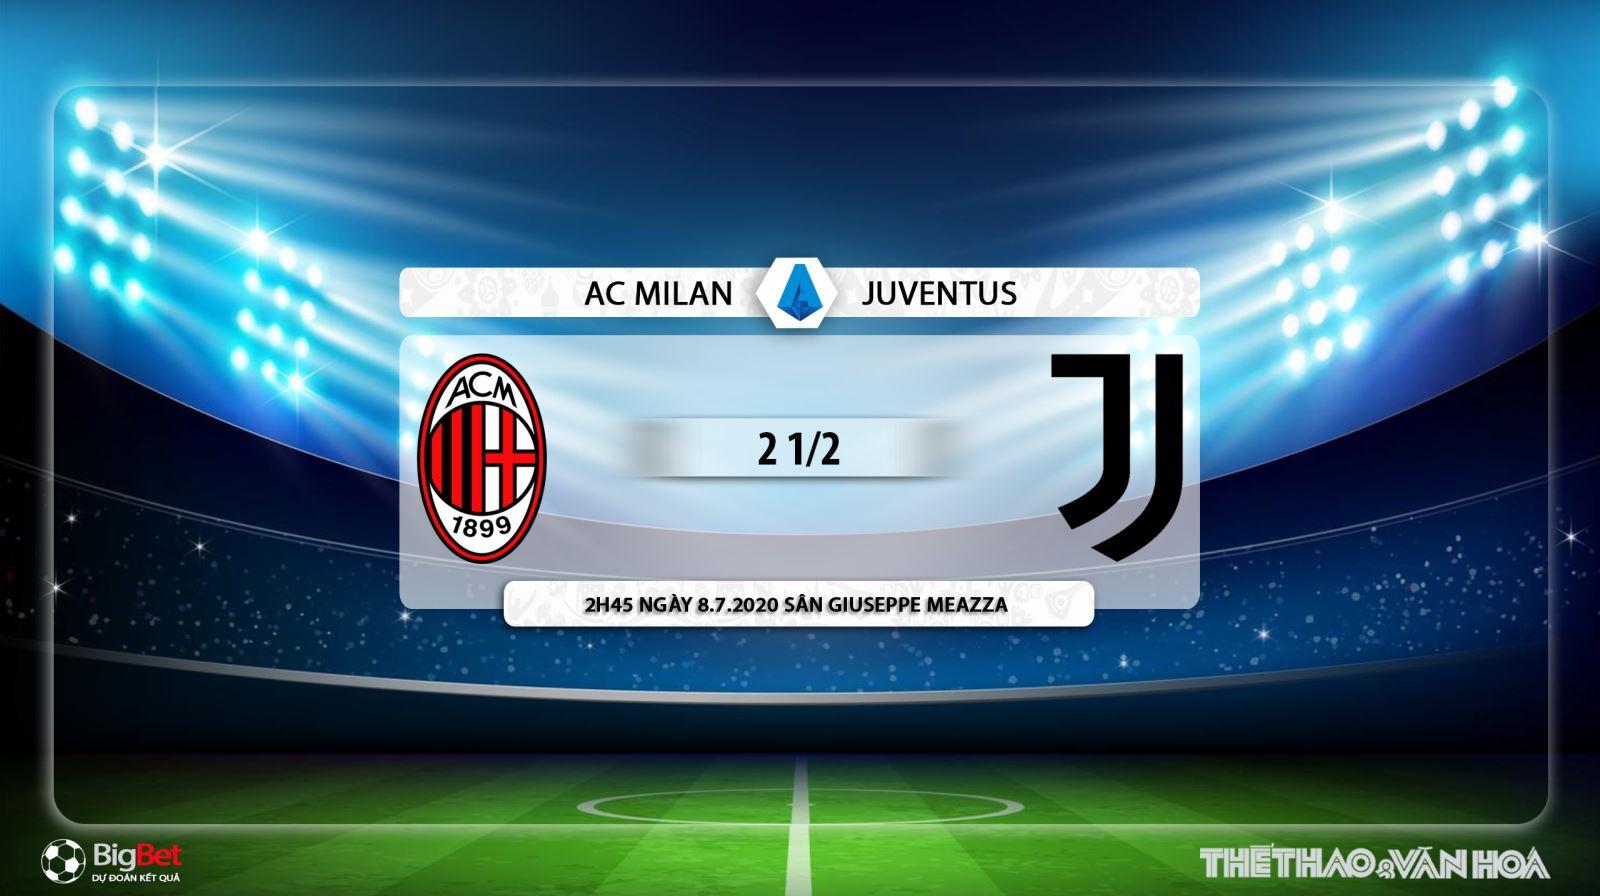 AC Milan vs Juventus, AC Milan, Juventus, soi kèo AC Milan vs Juventus, trực tiếp AC Milan vs Juventus, nhận định AC Milan vs Juventus, dự đoán, kèo bóng đá, soi kèo